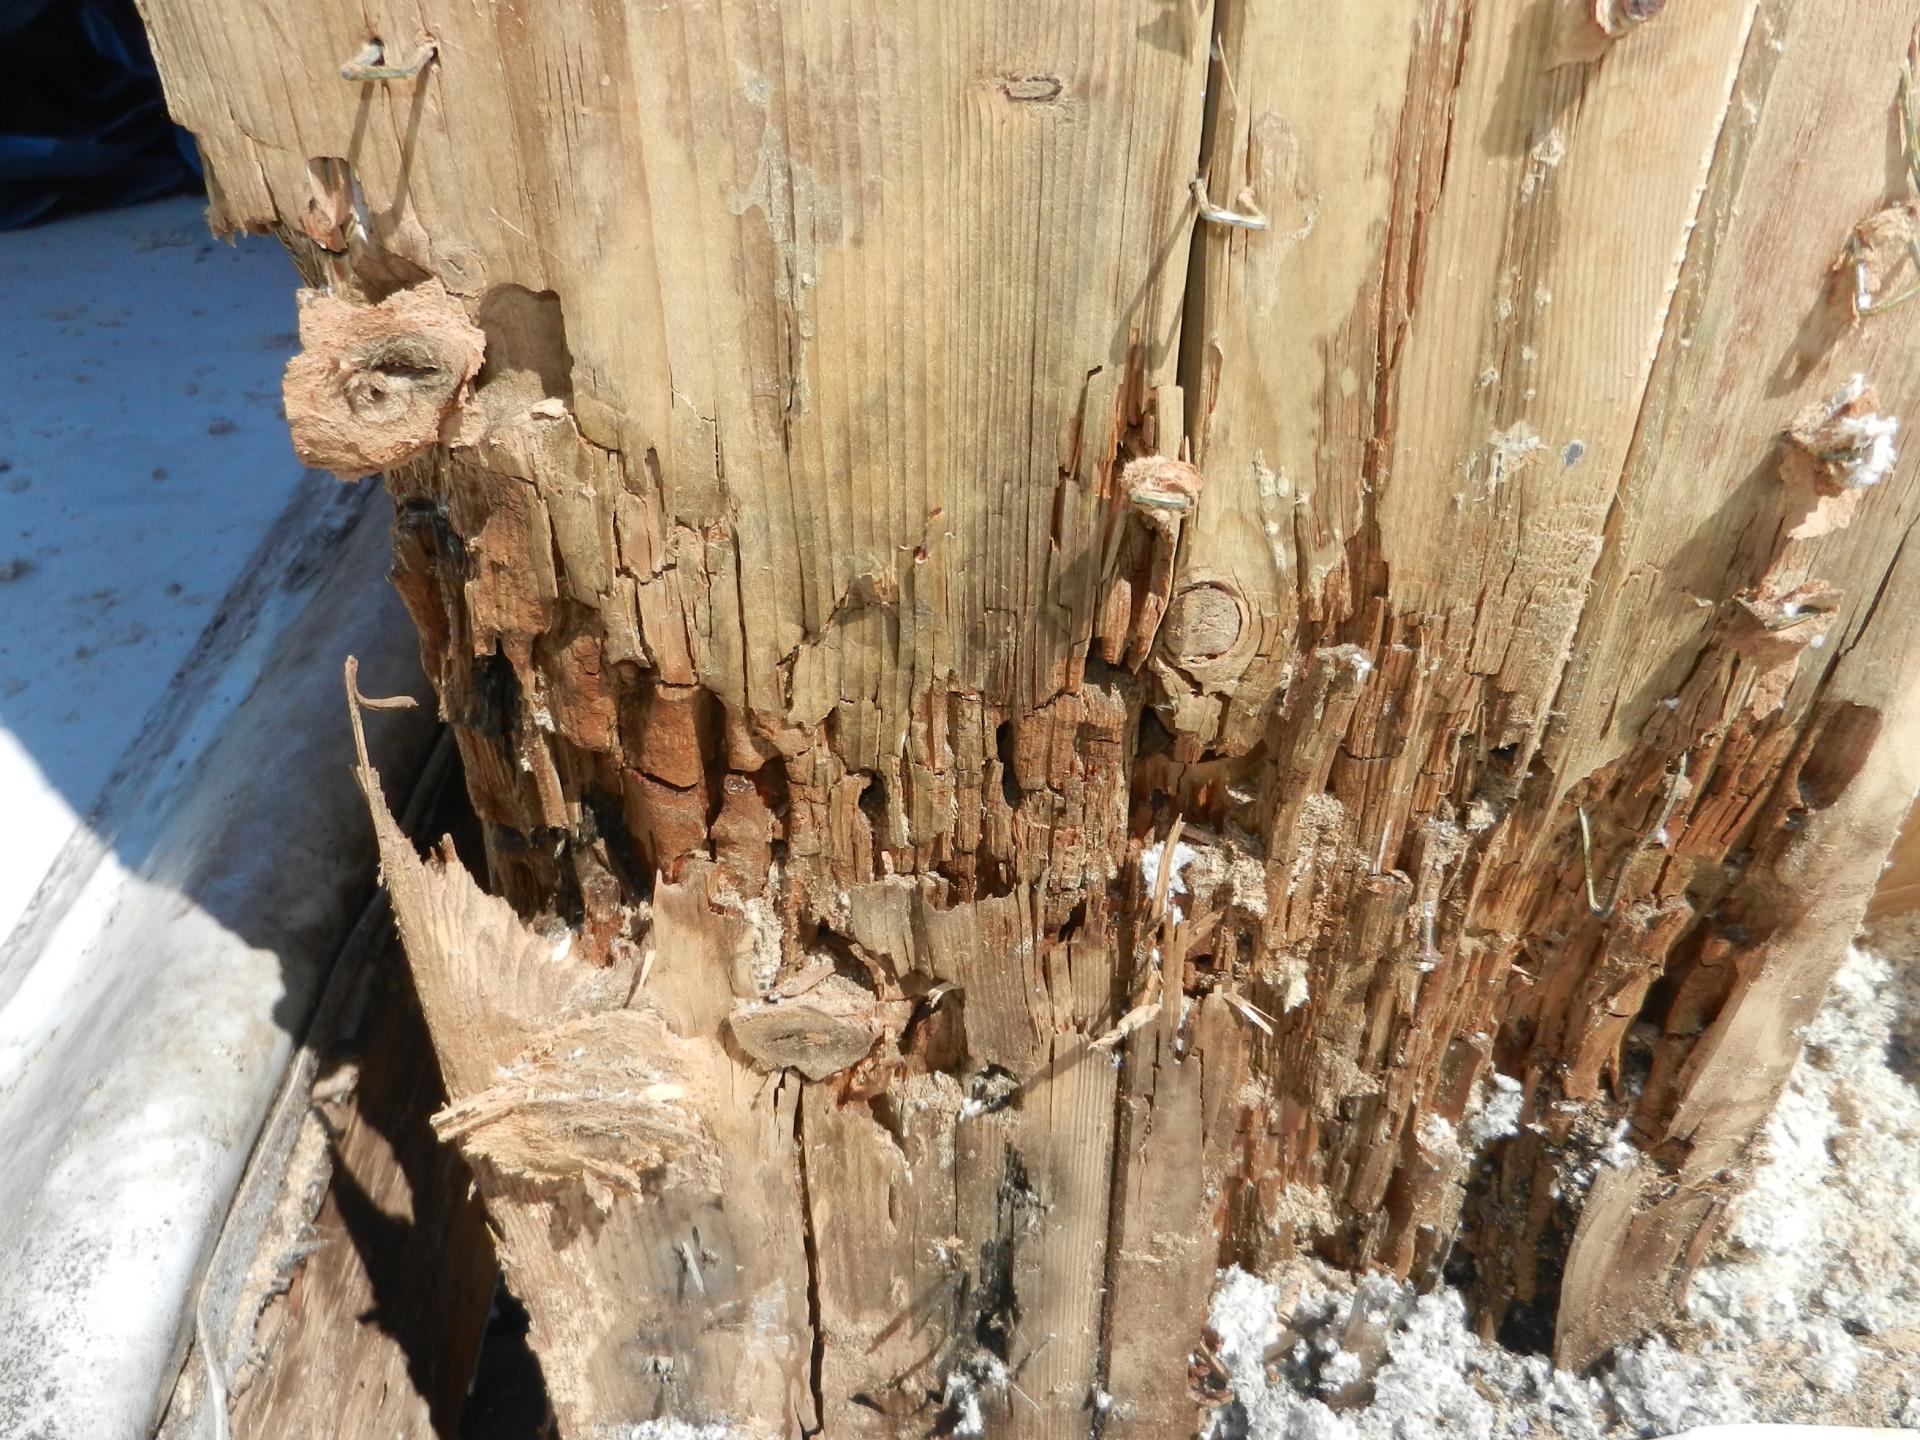 Materailschaeden nach Wasserschaden durch die Ameise Camponotus ligniperda (Braunschwarze Rossameise)_ji